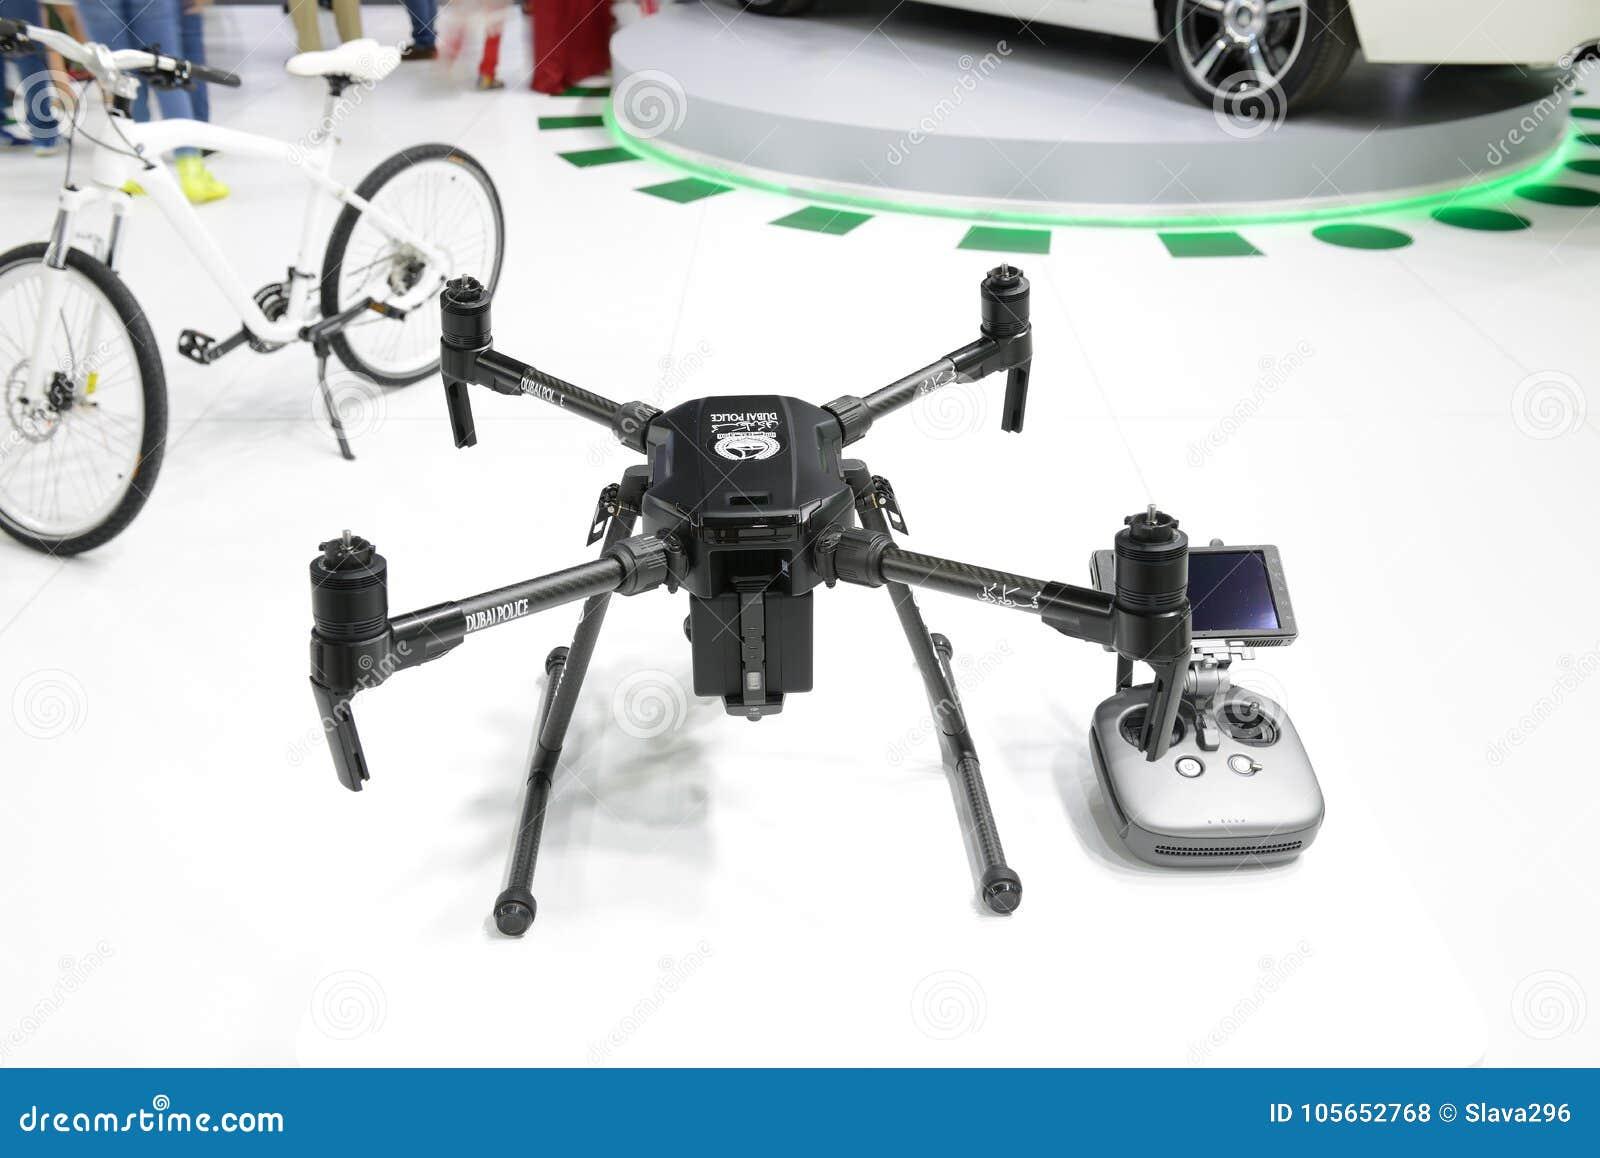 paris drone